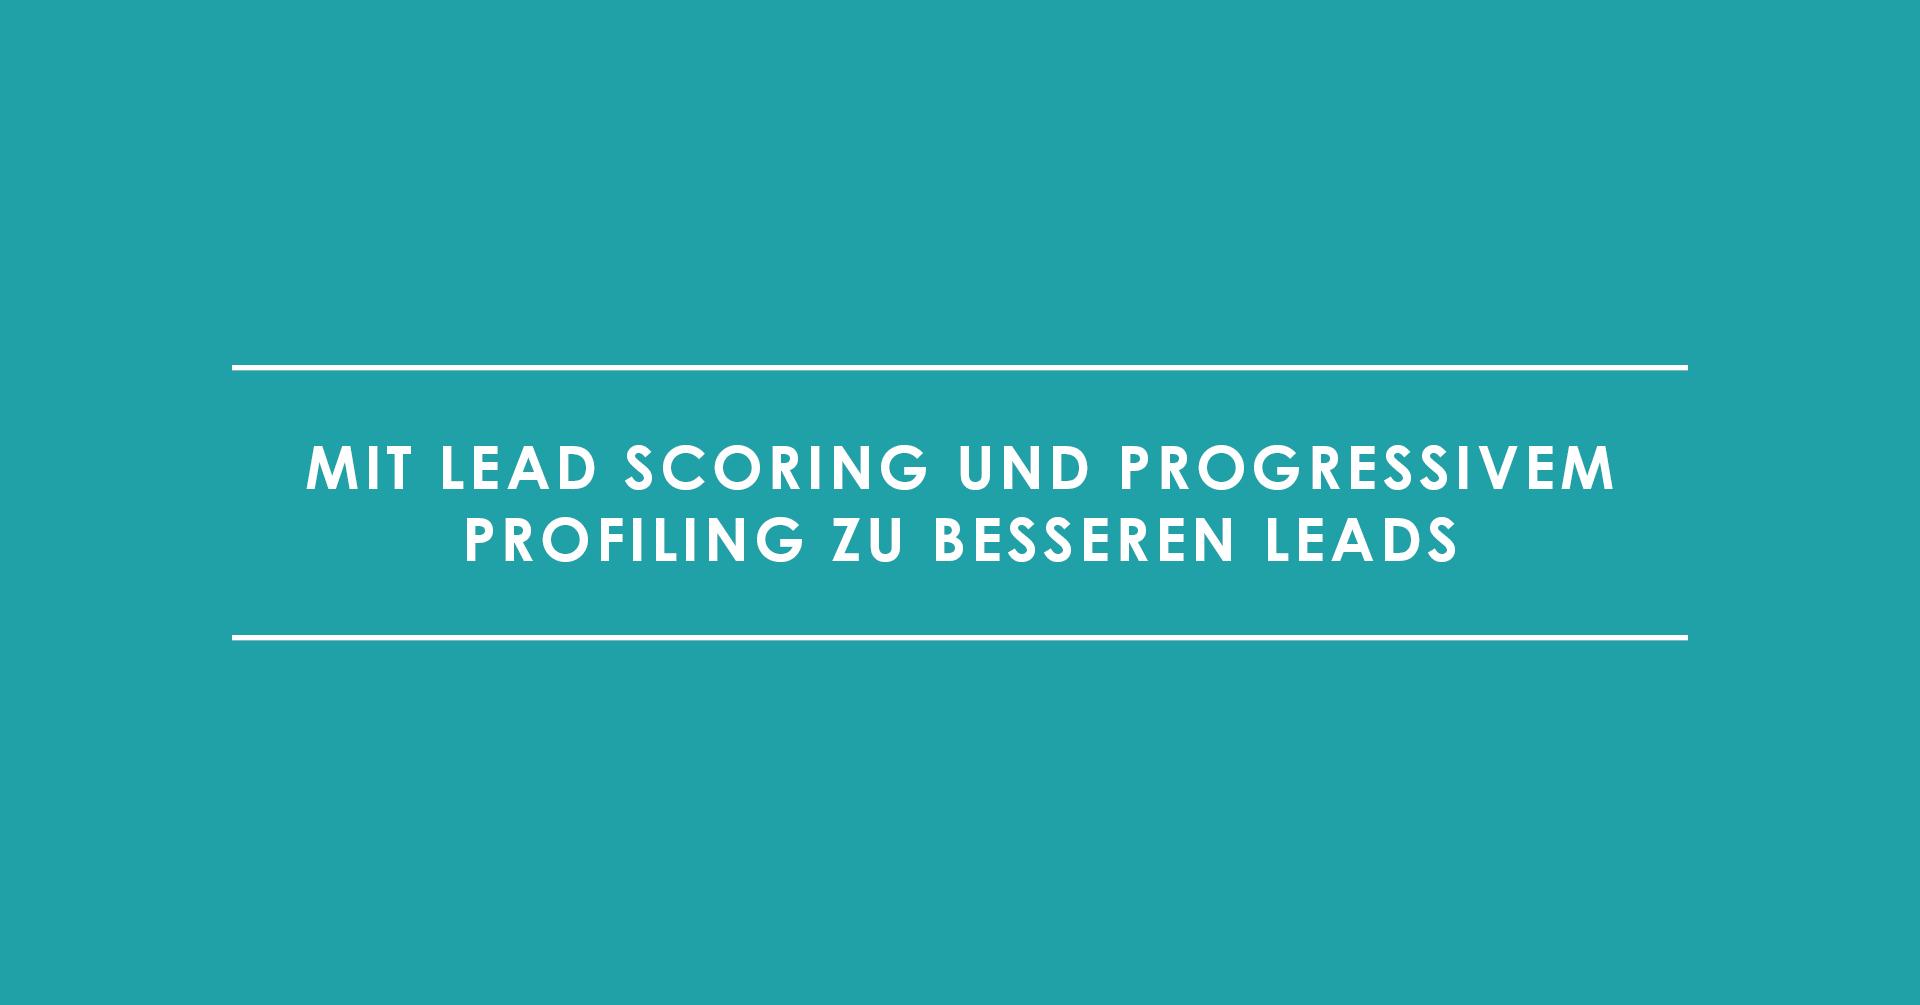 Mit Lead Scoring und progressivem Profiling zu besseren Leads